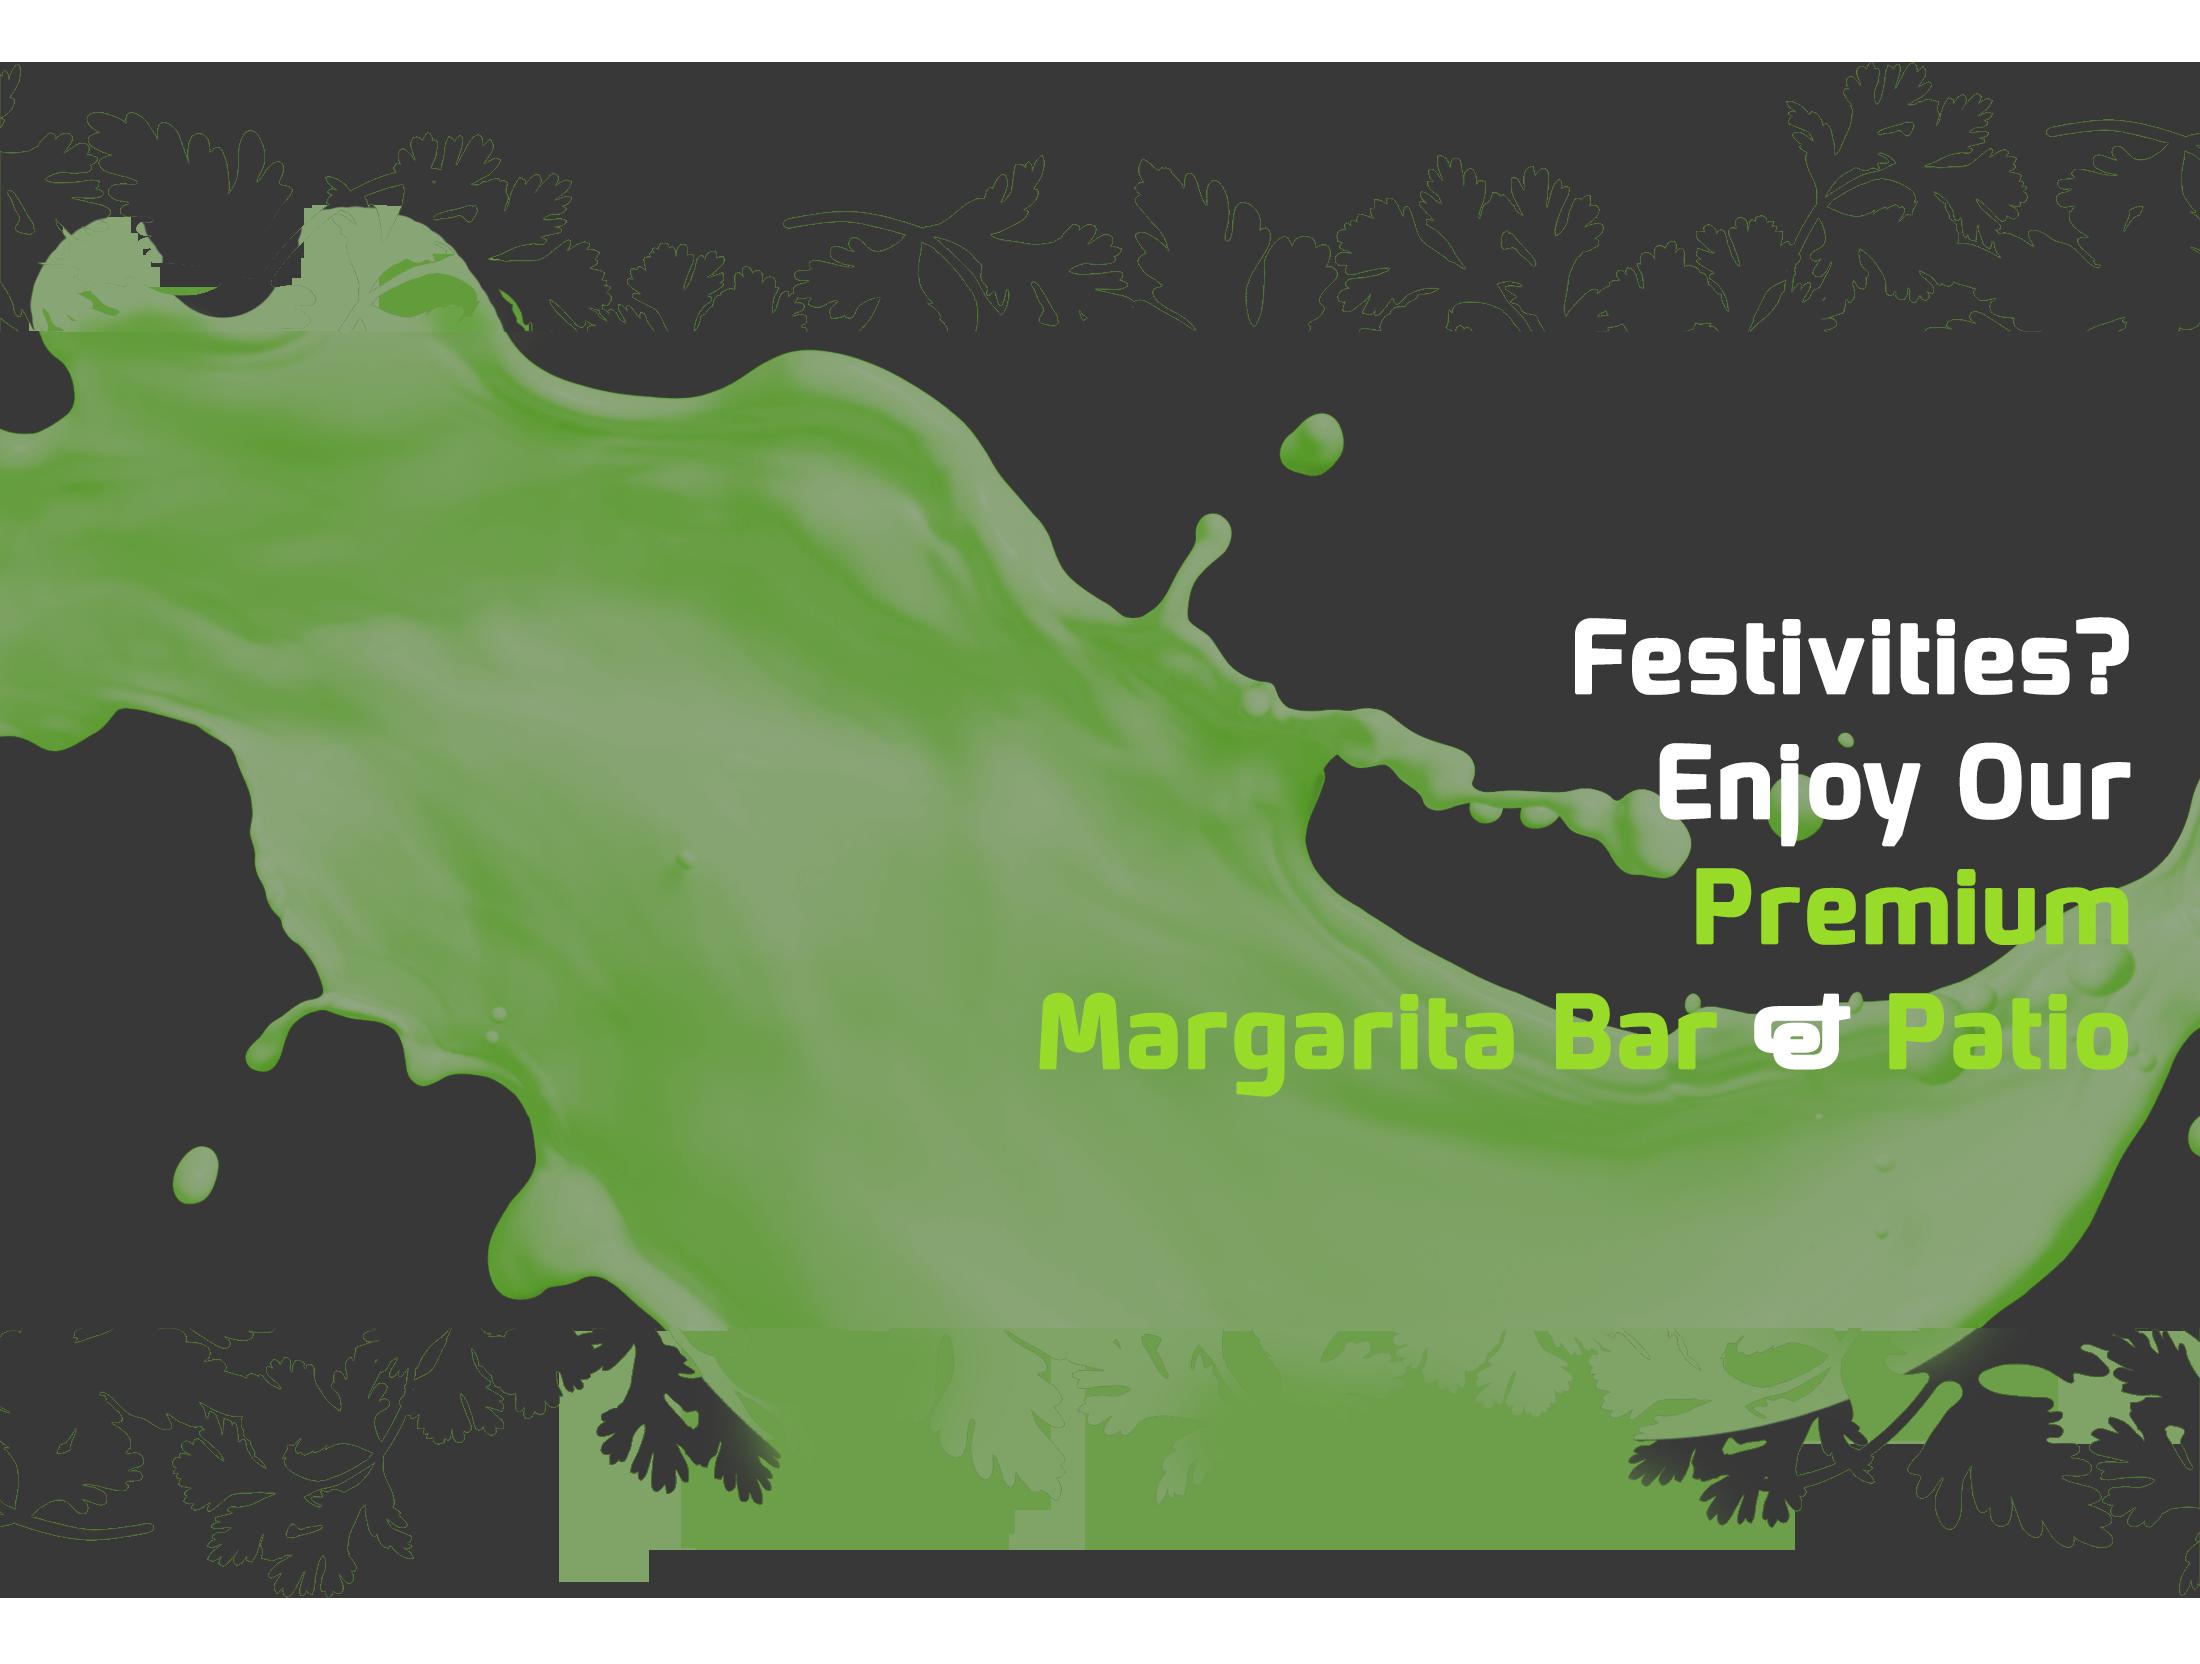 MargaritaBar2.png